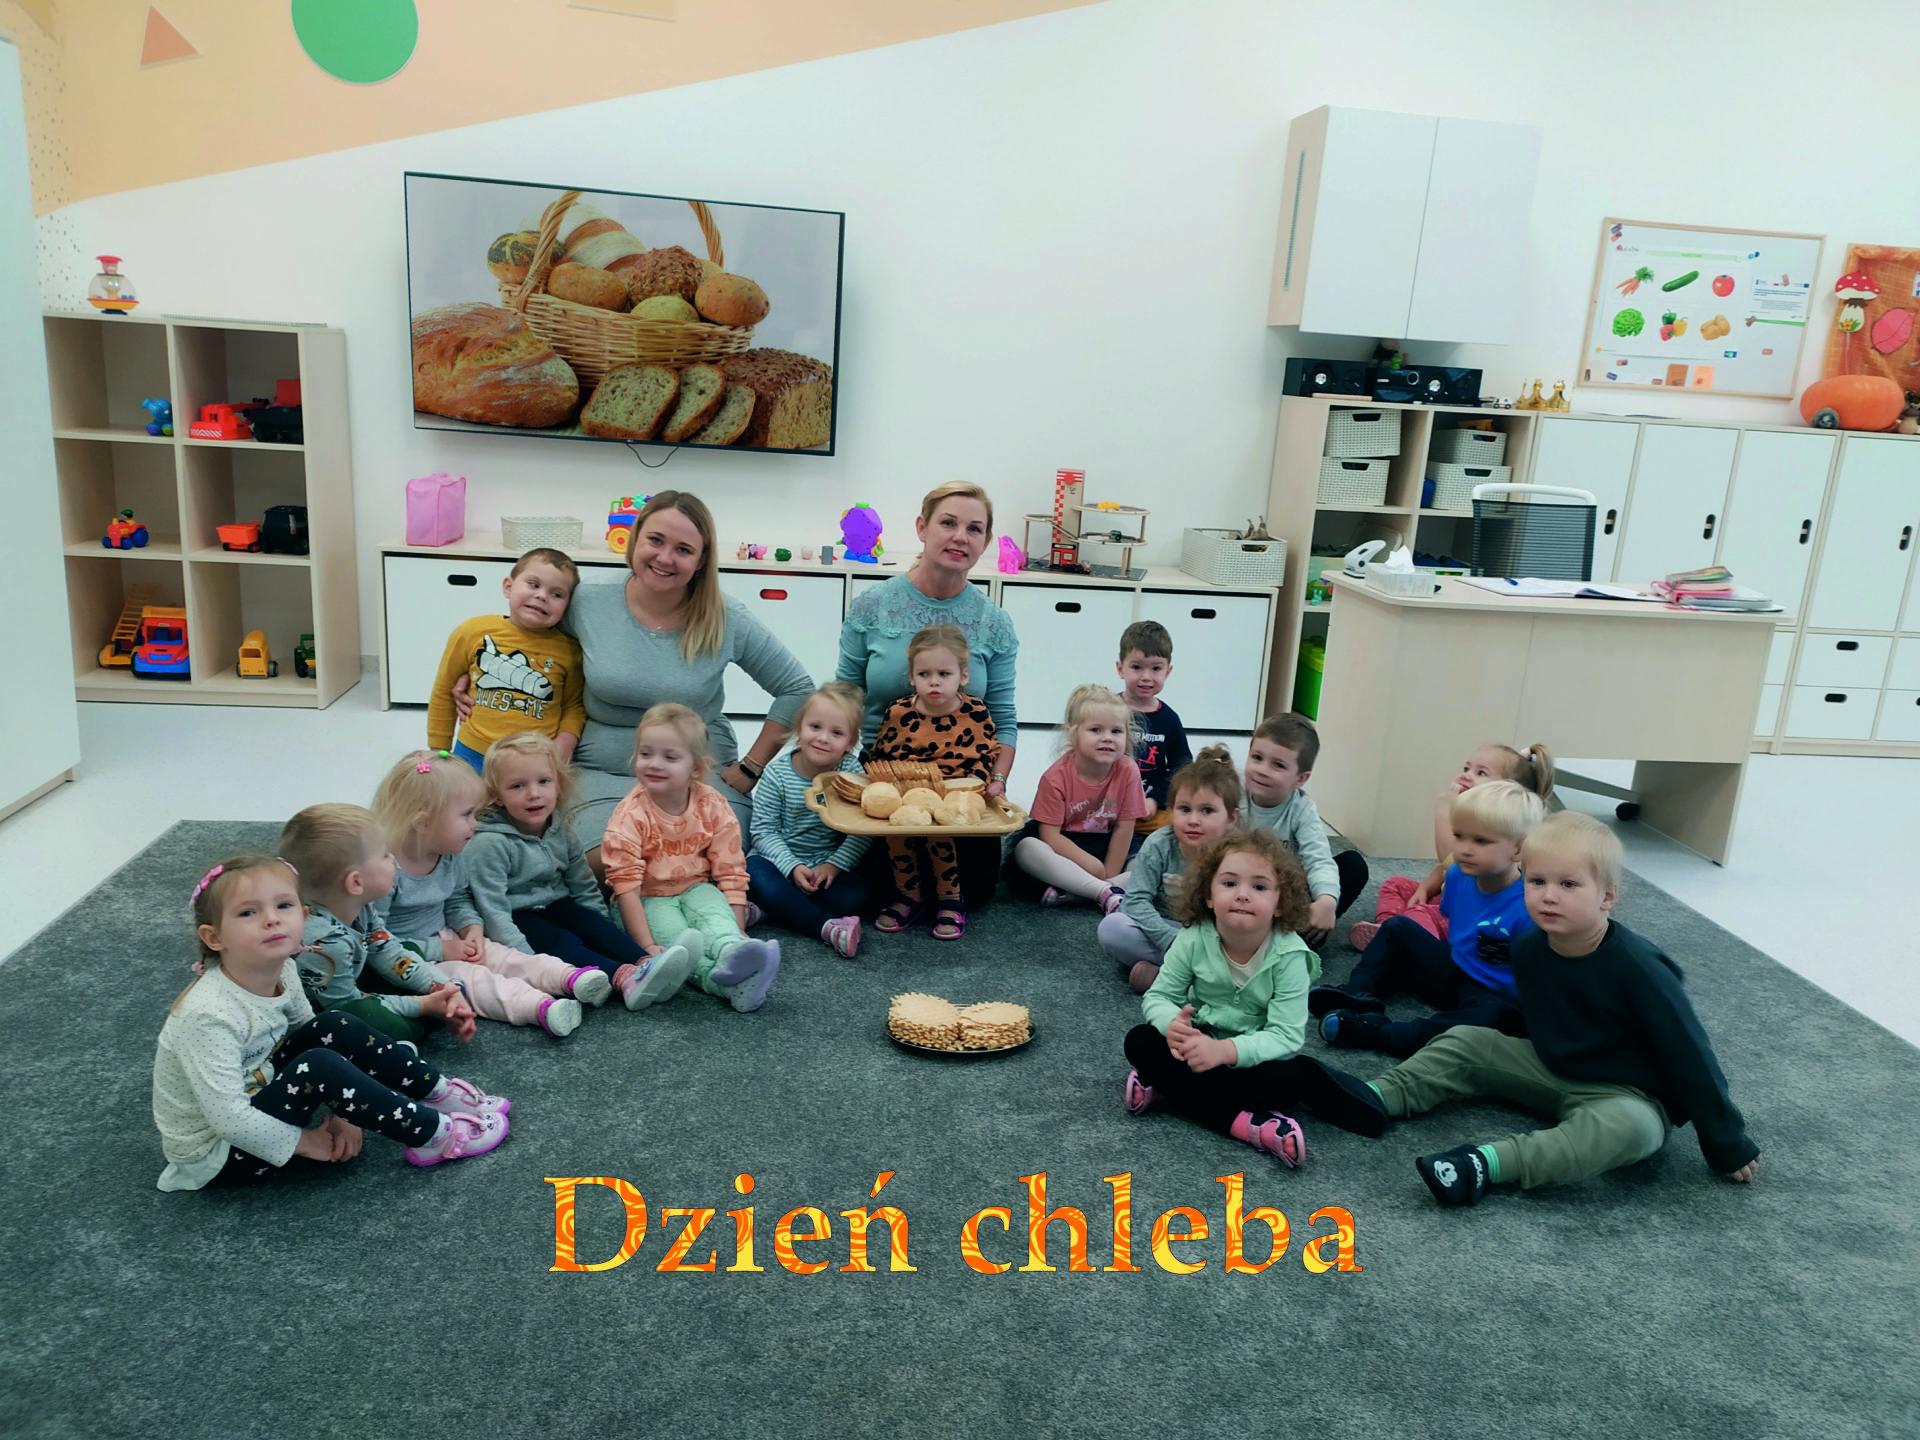 zabki_dzien_chleba_1